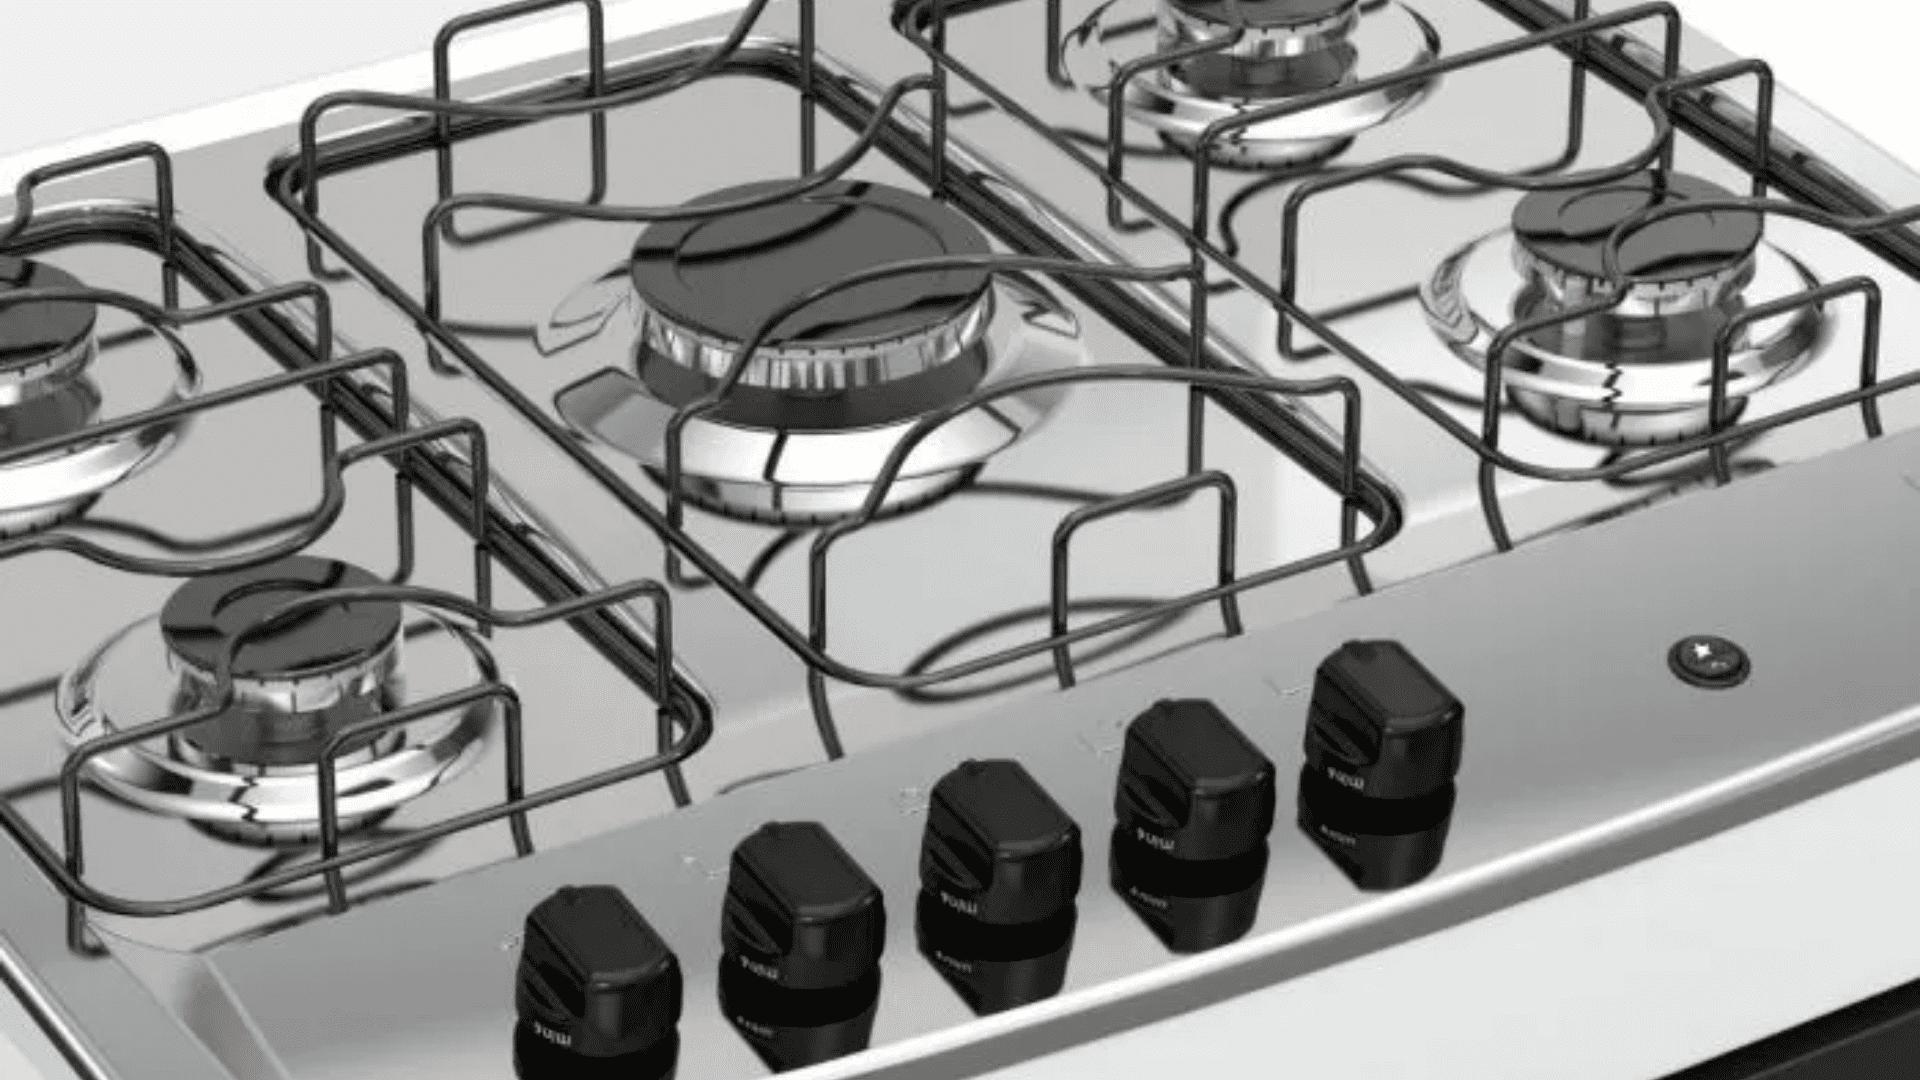 Confira as melhores opções de fogões da Dako de 5 bocas! (Imagem: Divulgação/Dako)